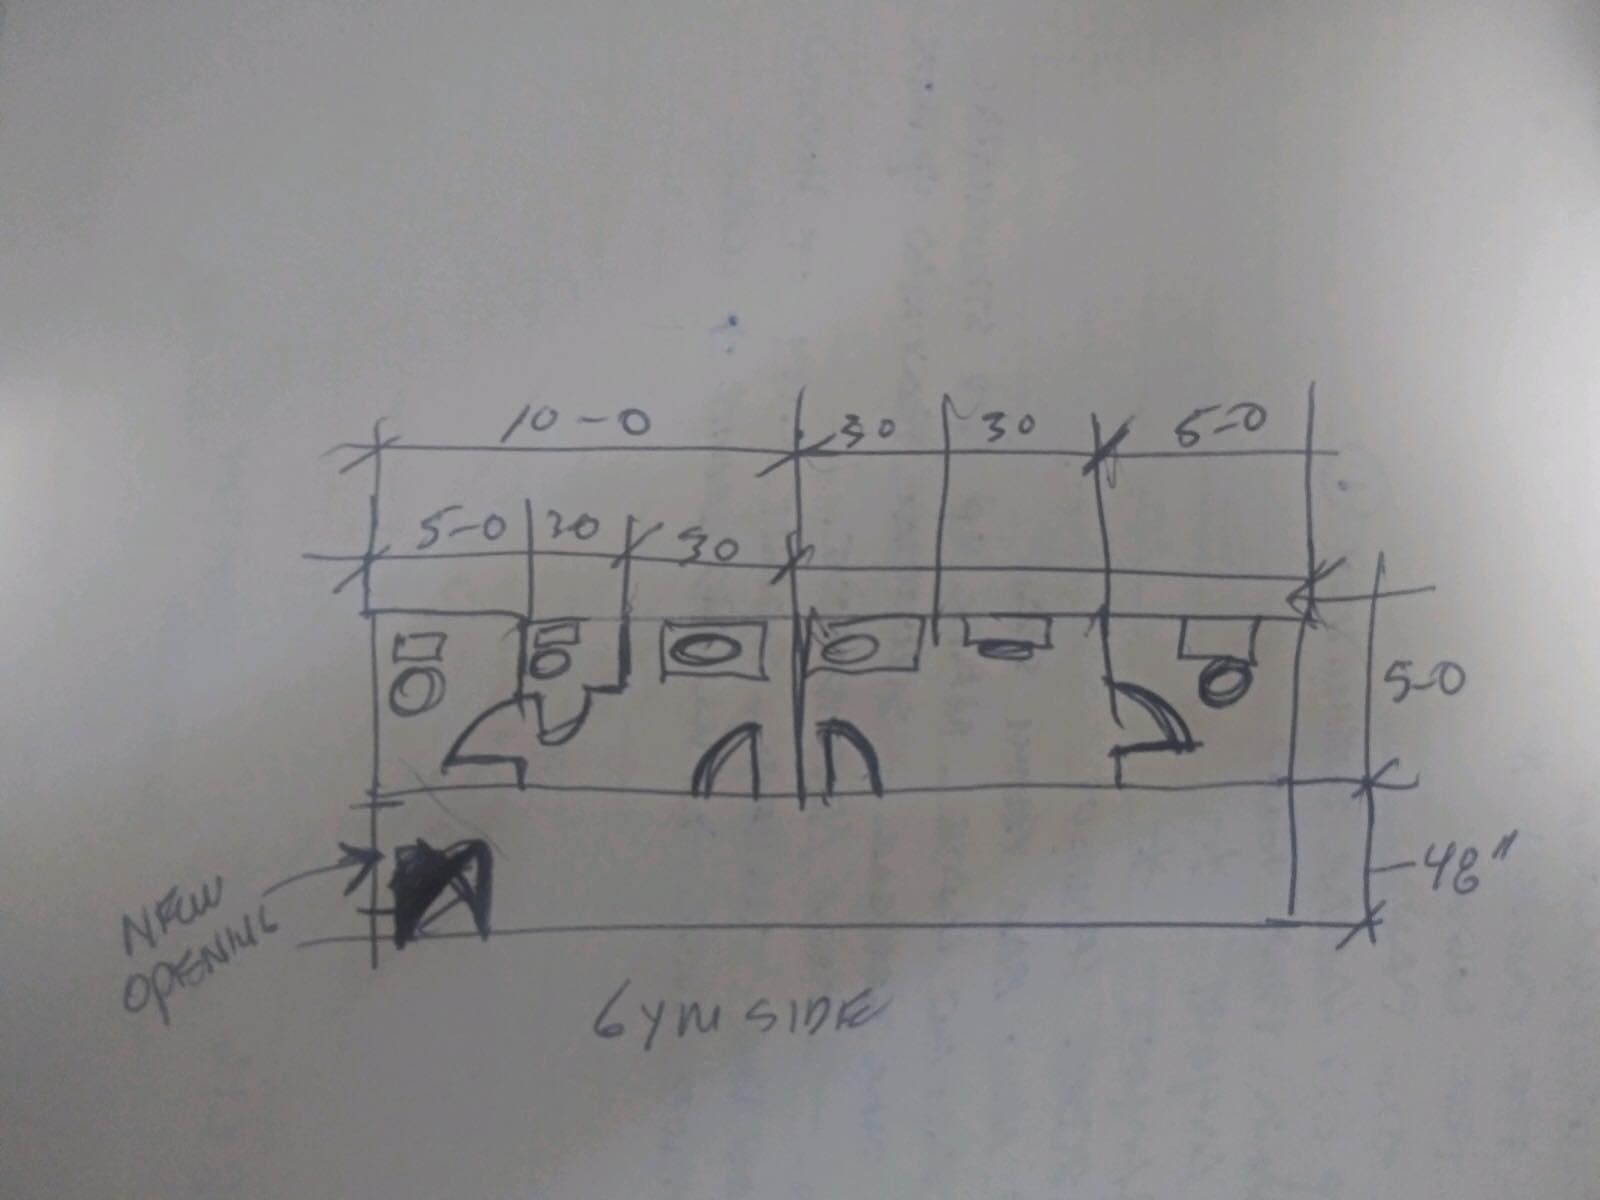 ISO Licensed Plumber & Electrician in Houston, TX-bathroom-remodel.jpg